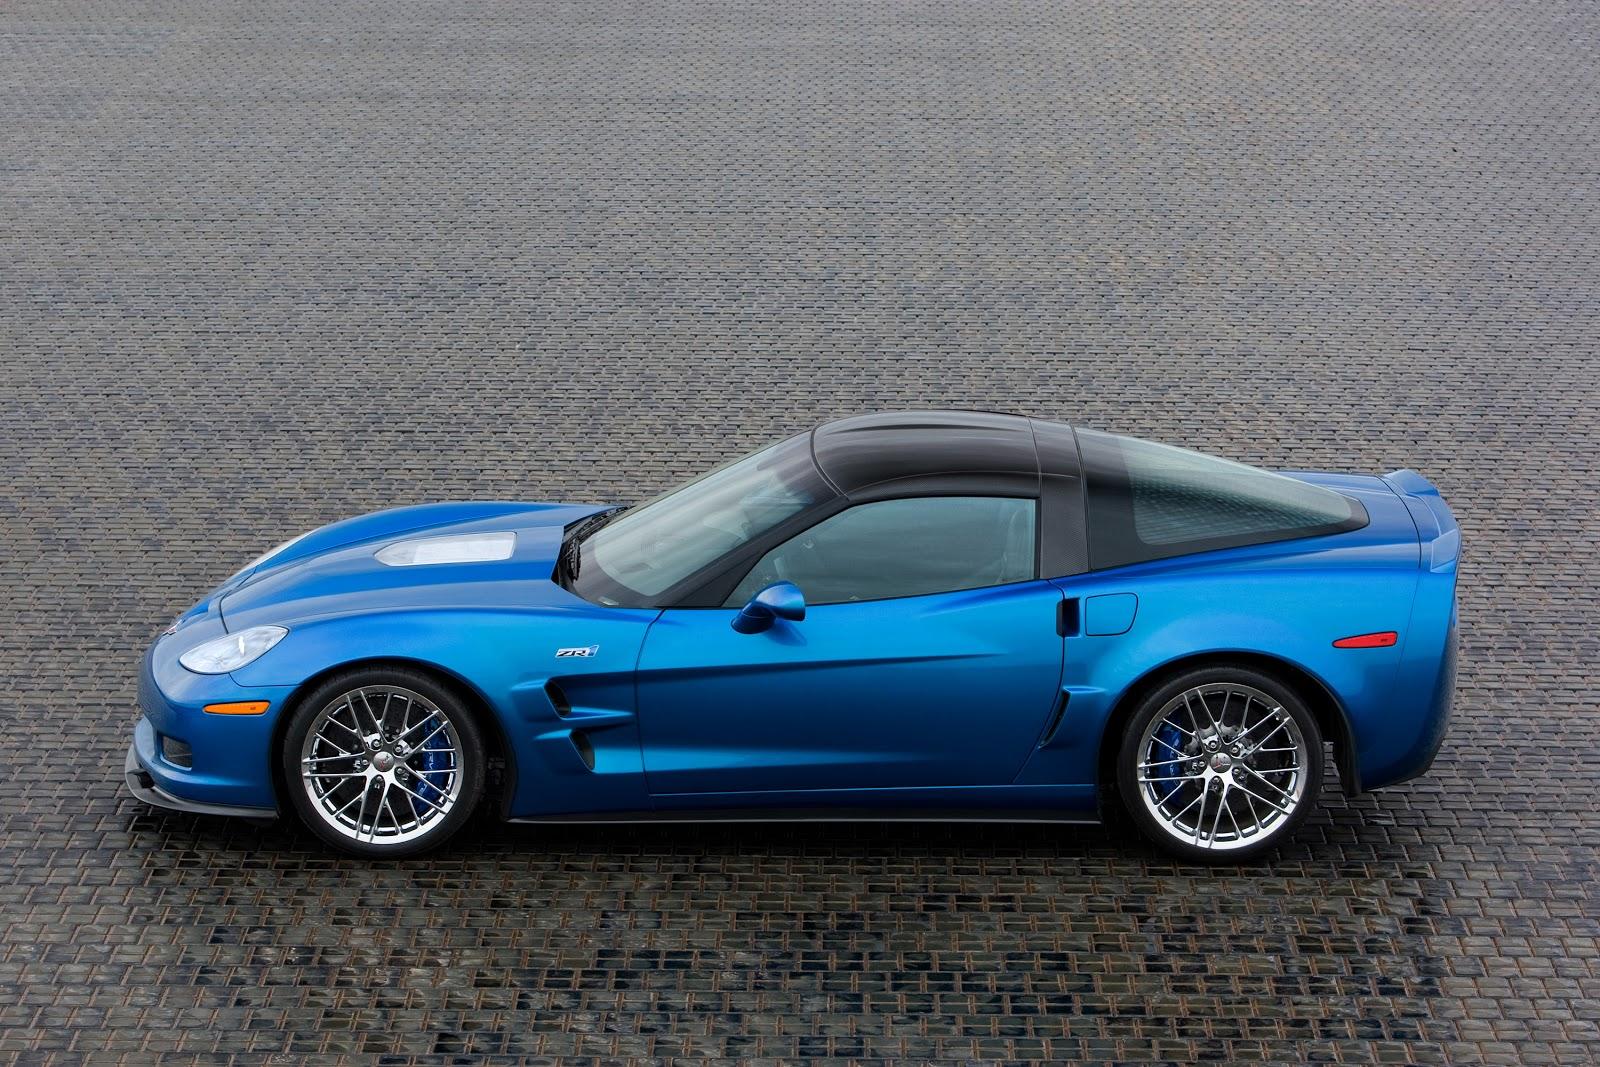 Kelebihan Corvette C6 Zr1 Spesifikasi